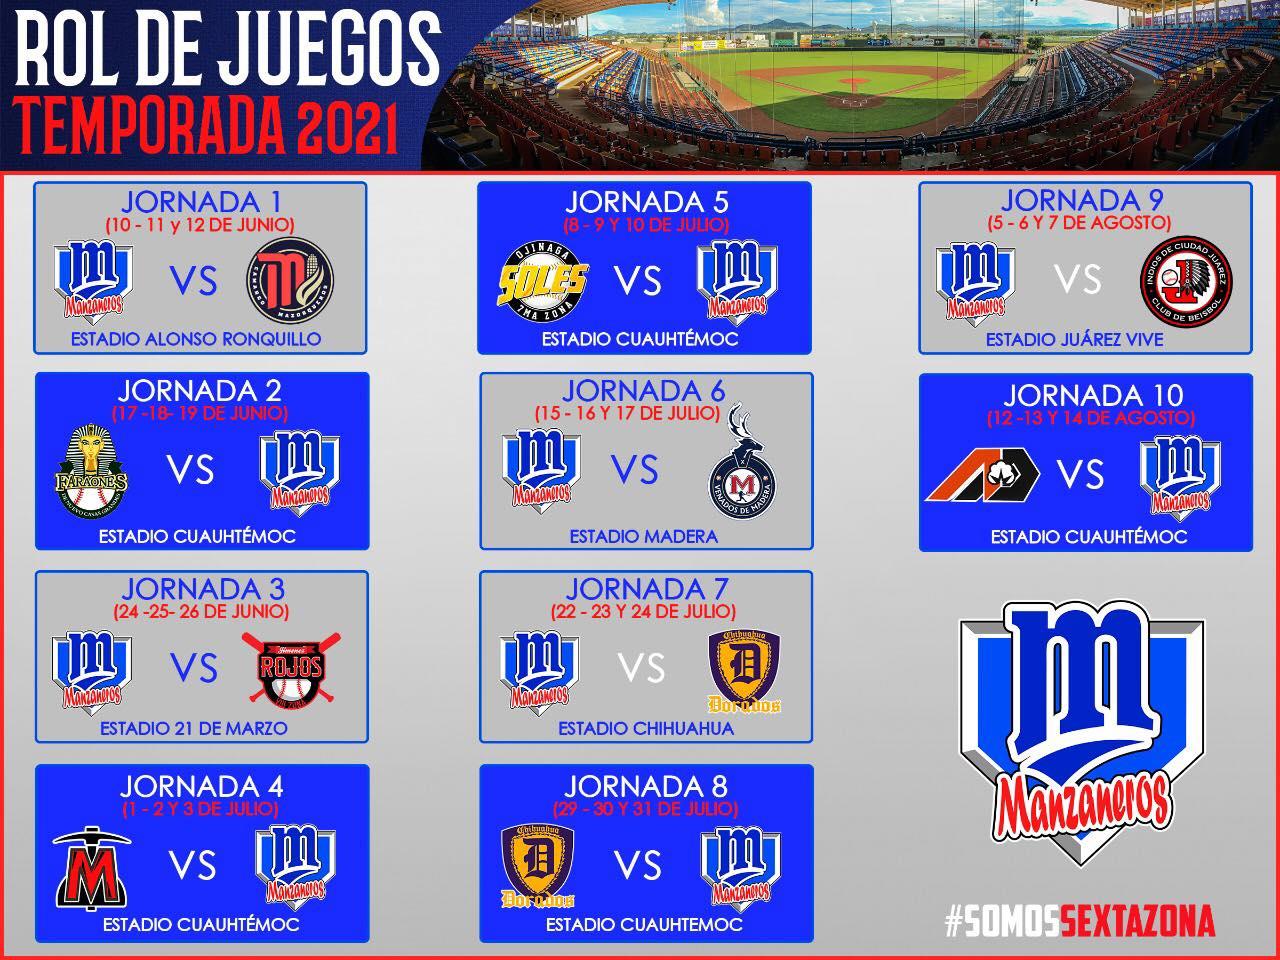 rol-calendario-juegos-campeonato-beisbol-chihuahua-2021-manzaneros-cuauhtemoc-definitivo